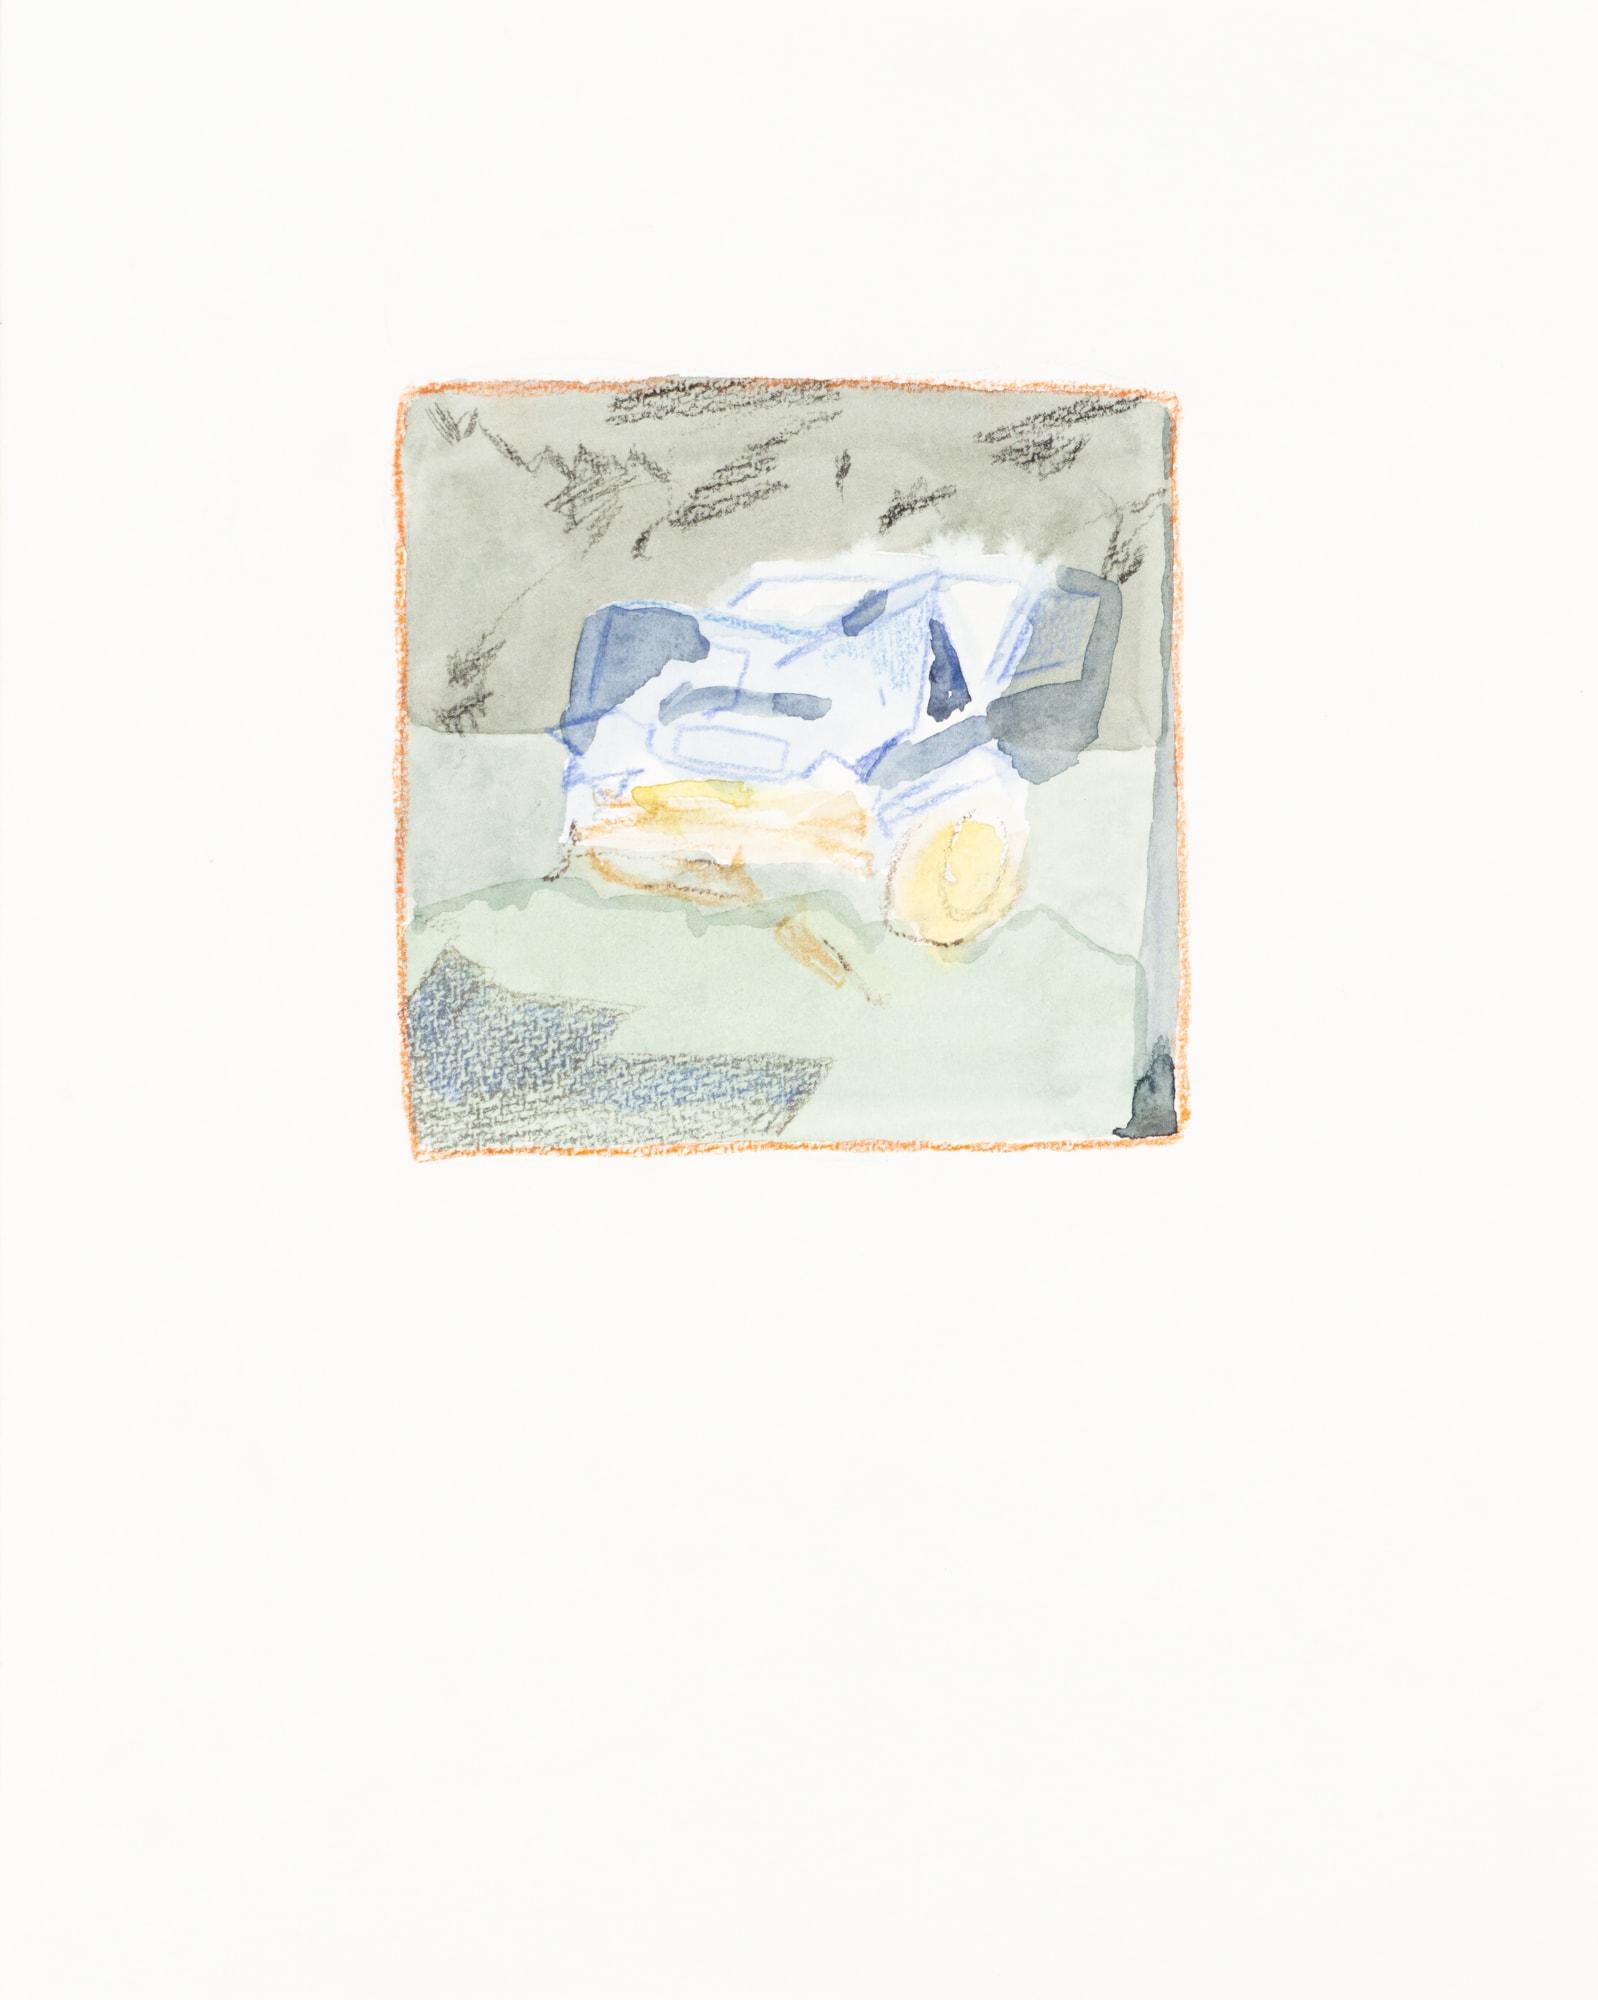 Zeichnung, Aquarell und Farbstift auf Papier, 24x30cm, abstrakt Fahrzeug, Künstlerin: Franziska King